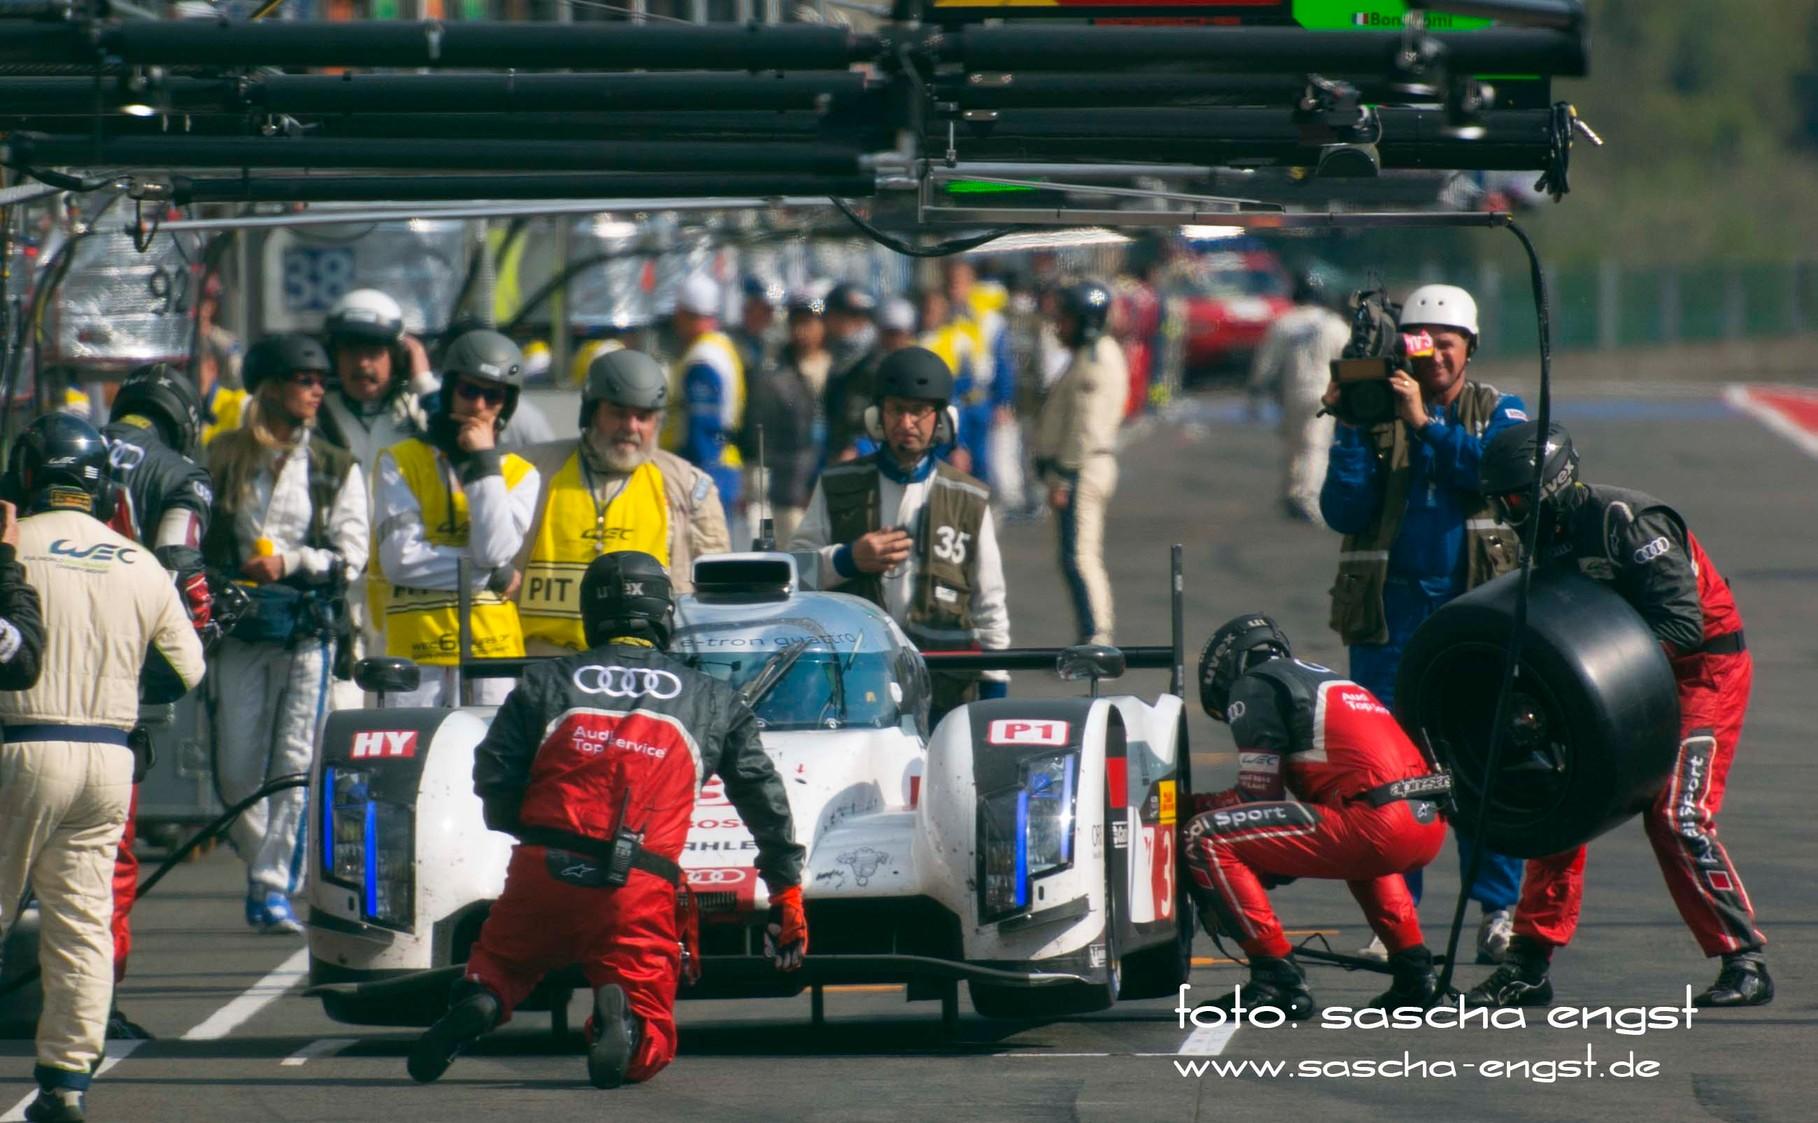 Boxenstopp Audi R18 e-Tron quattro Spa 6h Race 2014